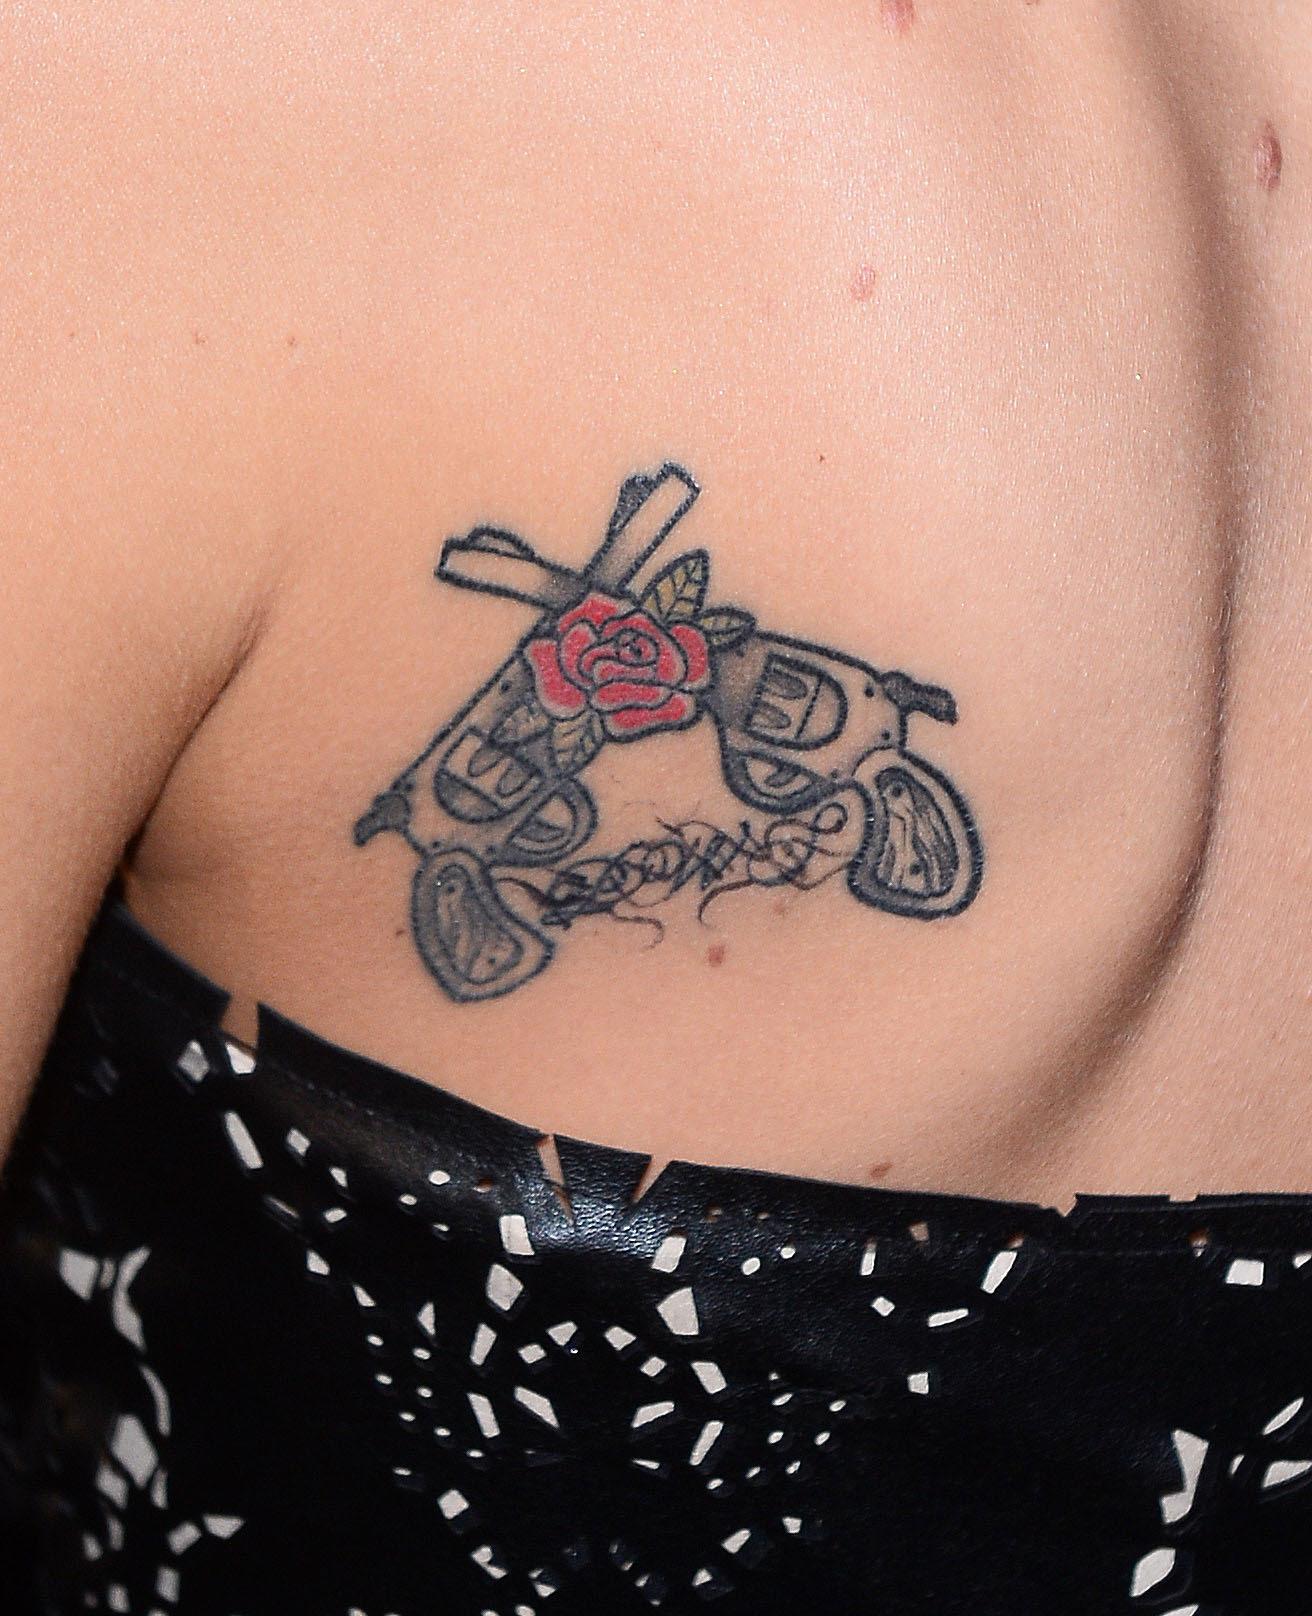 Tatuaż Trwalszy Niż Miłość Gwiazdy Które Uwieczniły